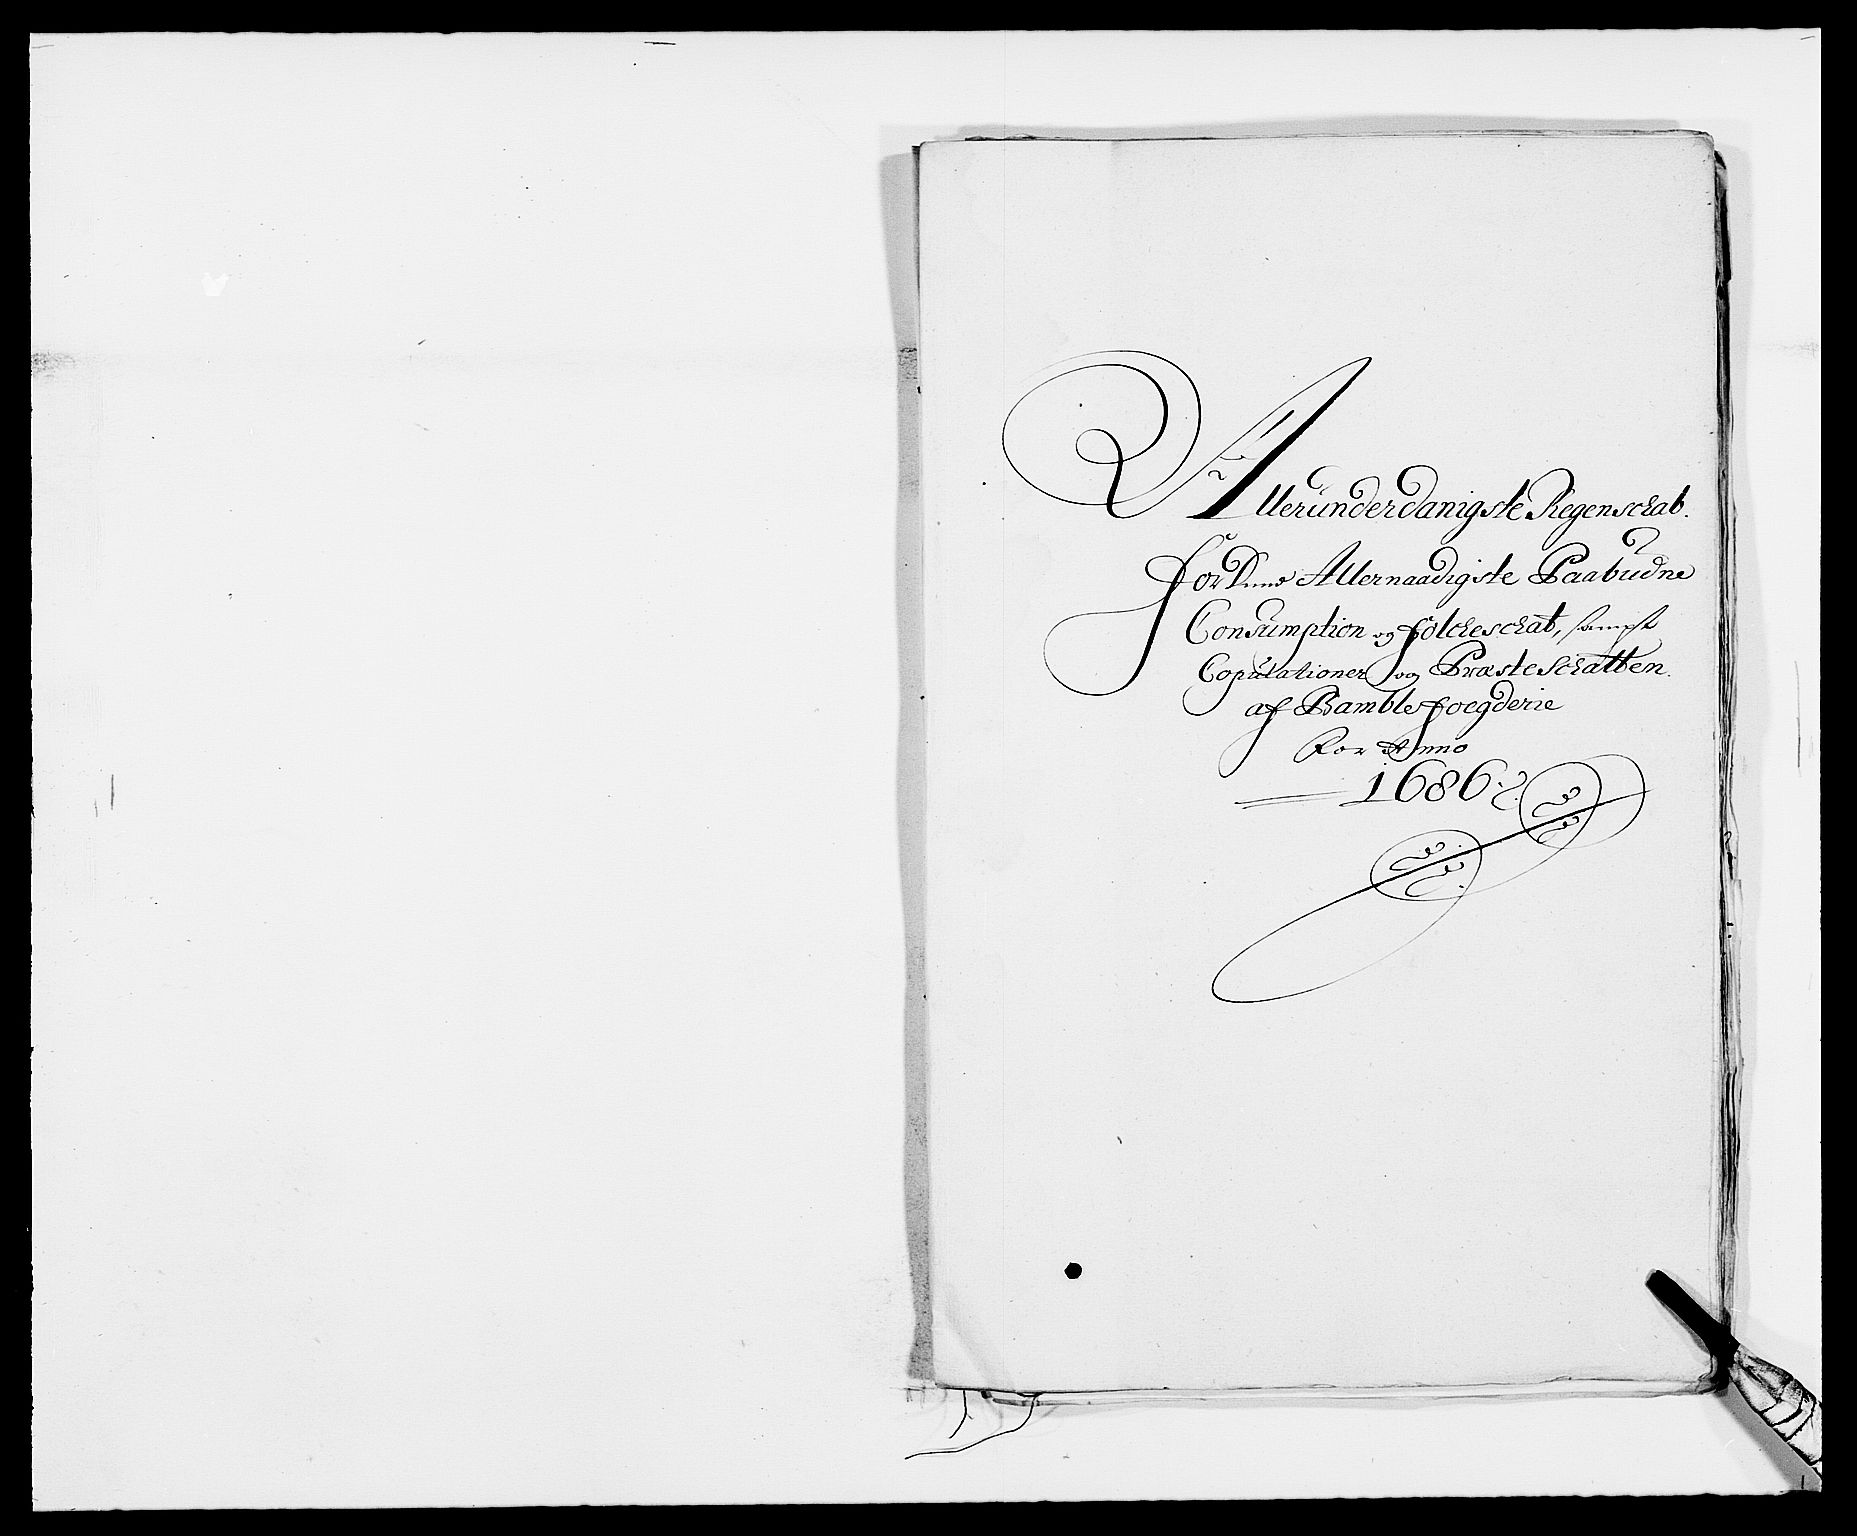 RA, Rentekammeret inntil 1814, Reviderte regnskaper, Fogderegnskap, R34/L2049: Fogderegnskap Bamble, 1685-1687, s. 95